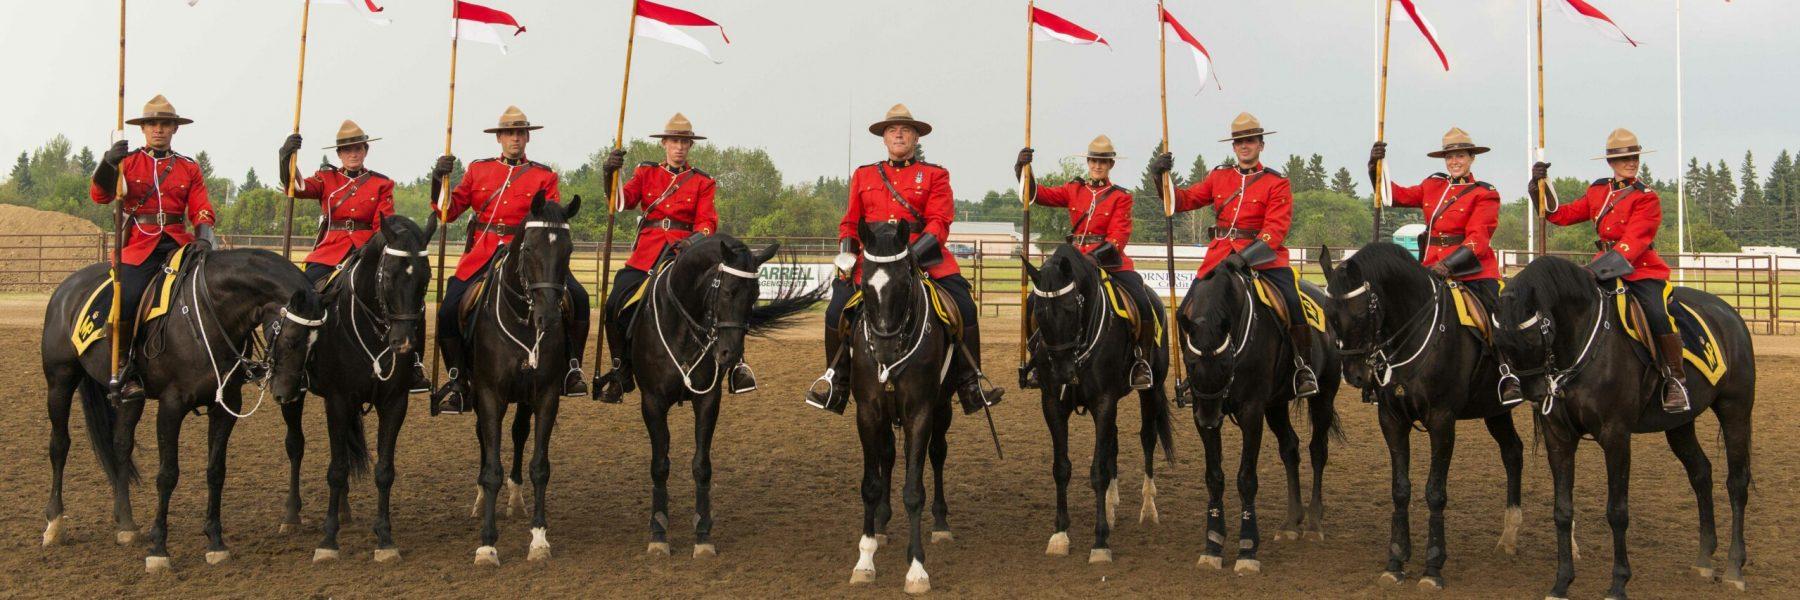 Die Mounted Police formiert sich beim Musical Ride der RCMP in Y